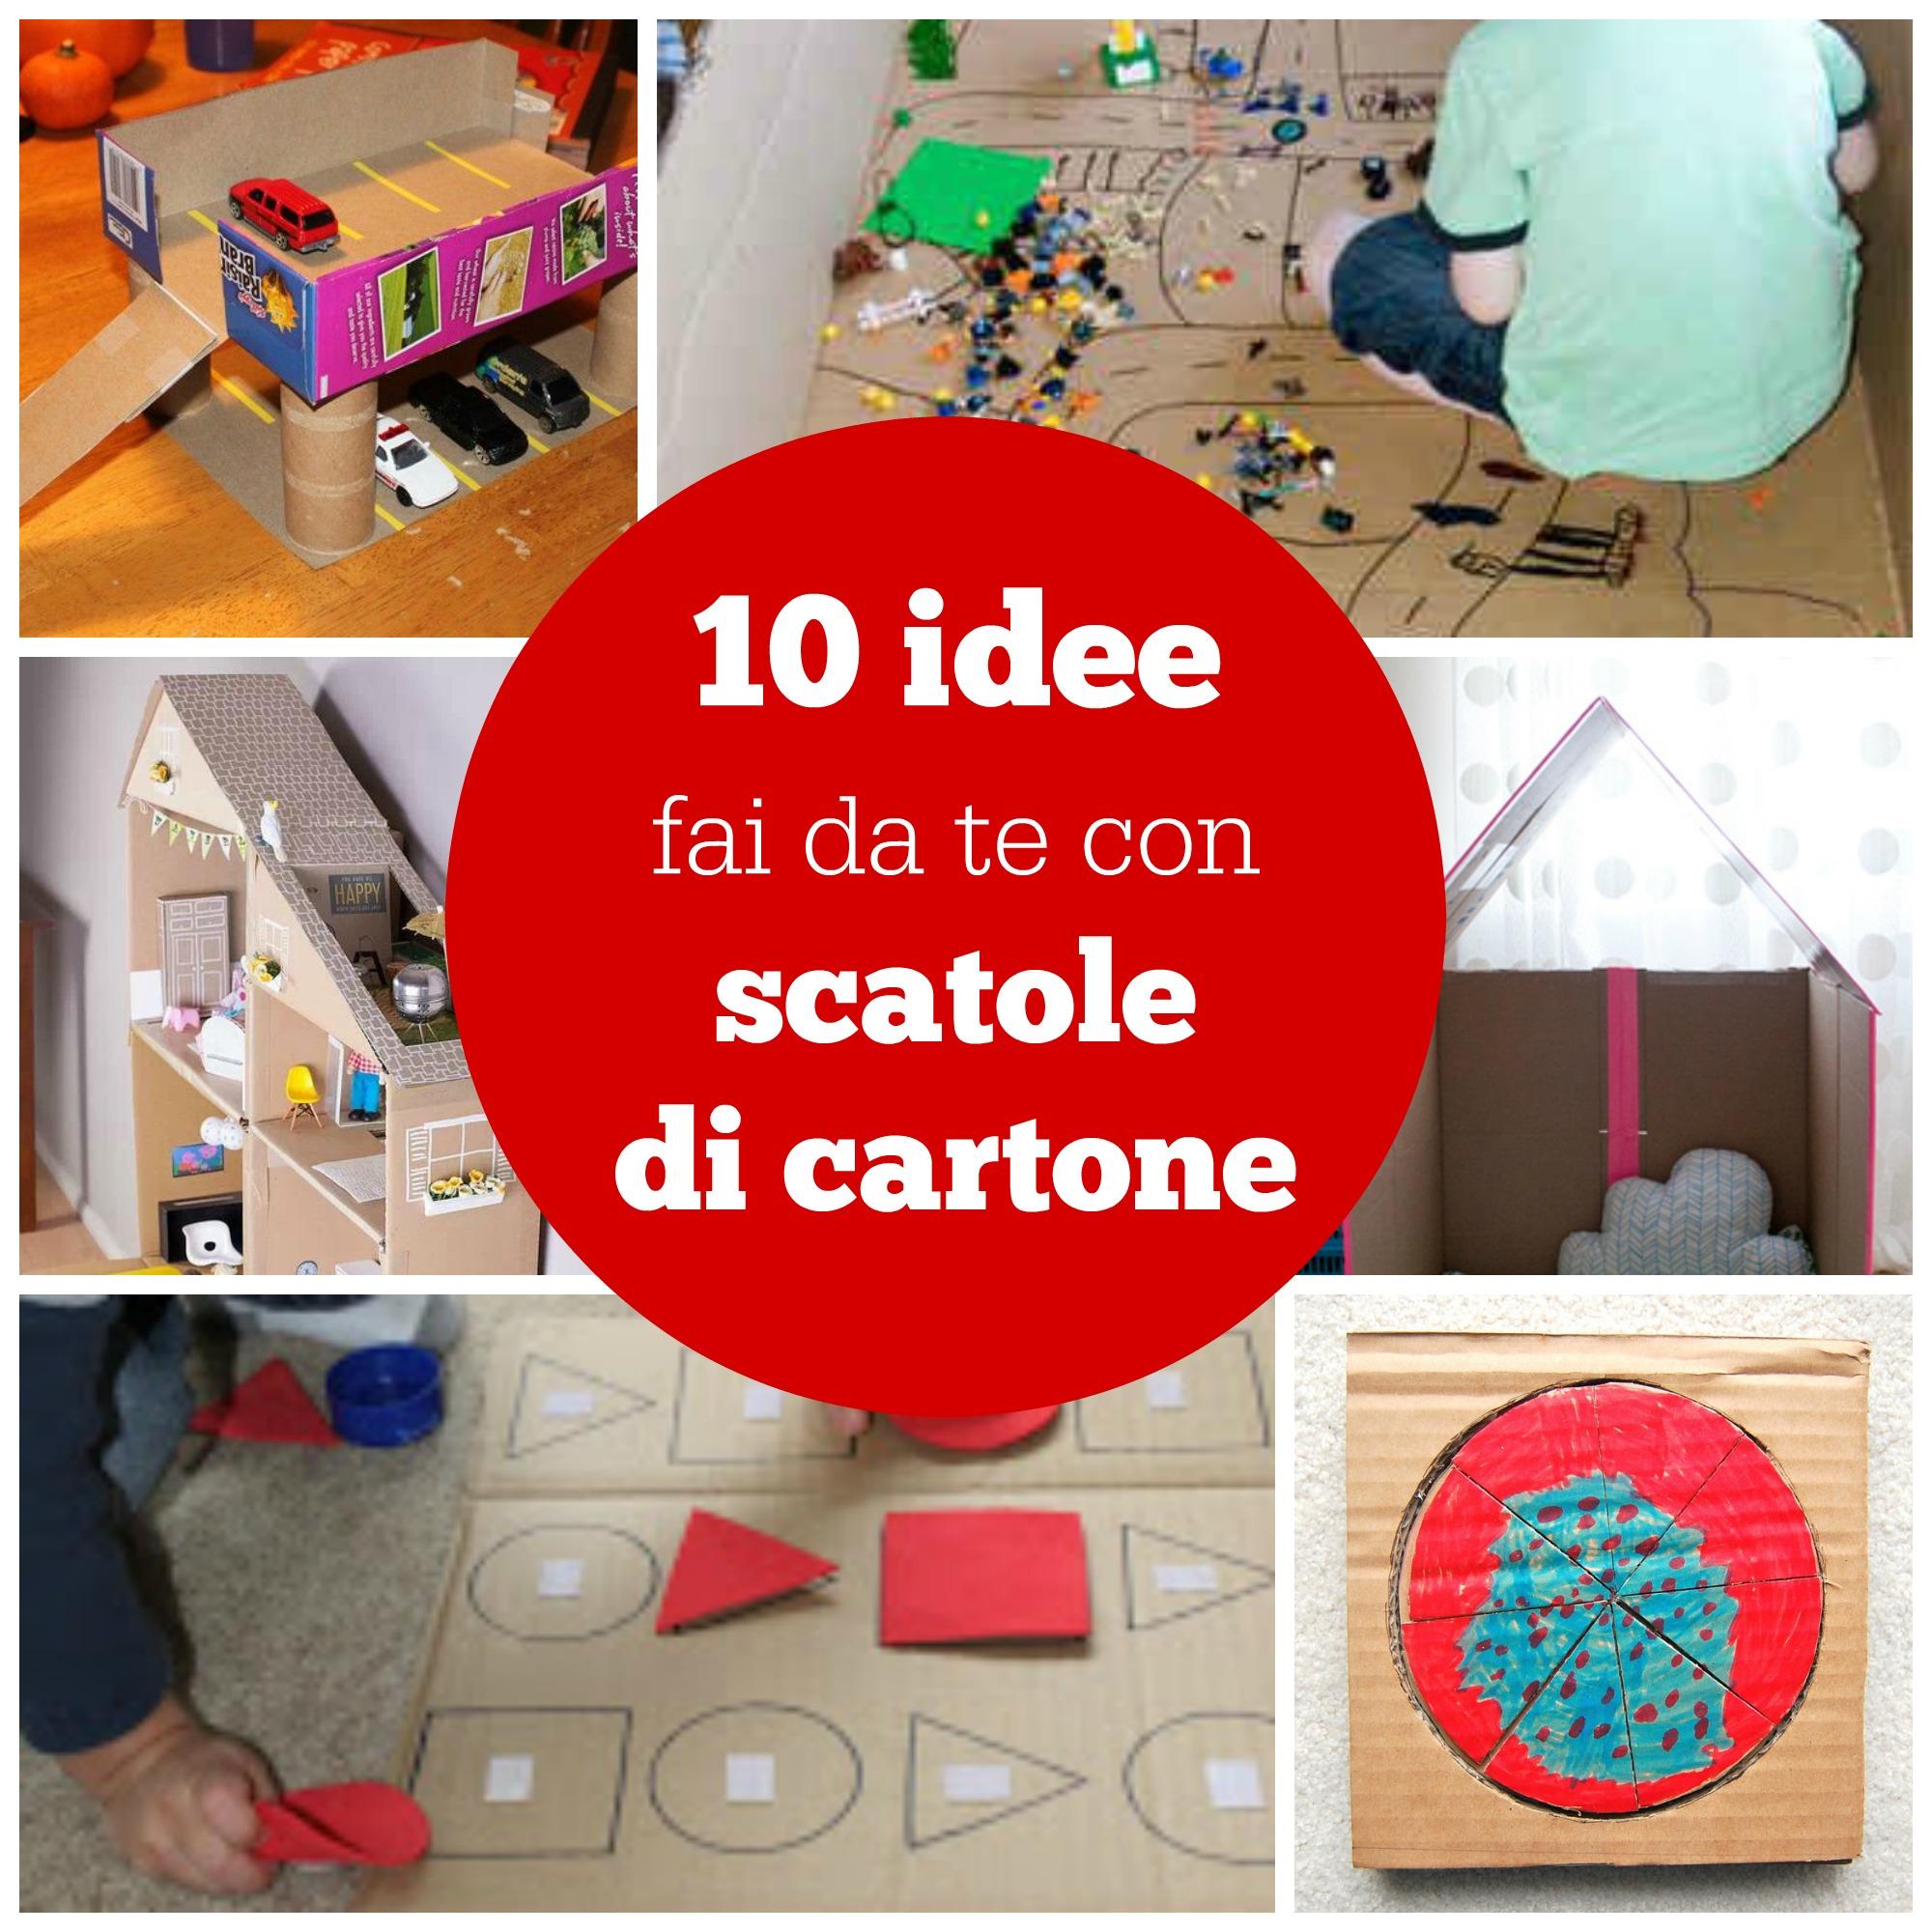 10 idee fai da te con scatole di cartone babygreen for Calcolatore del materiale da costruzione della casa